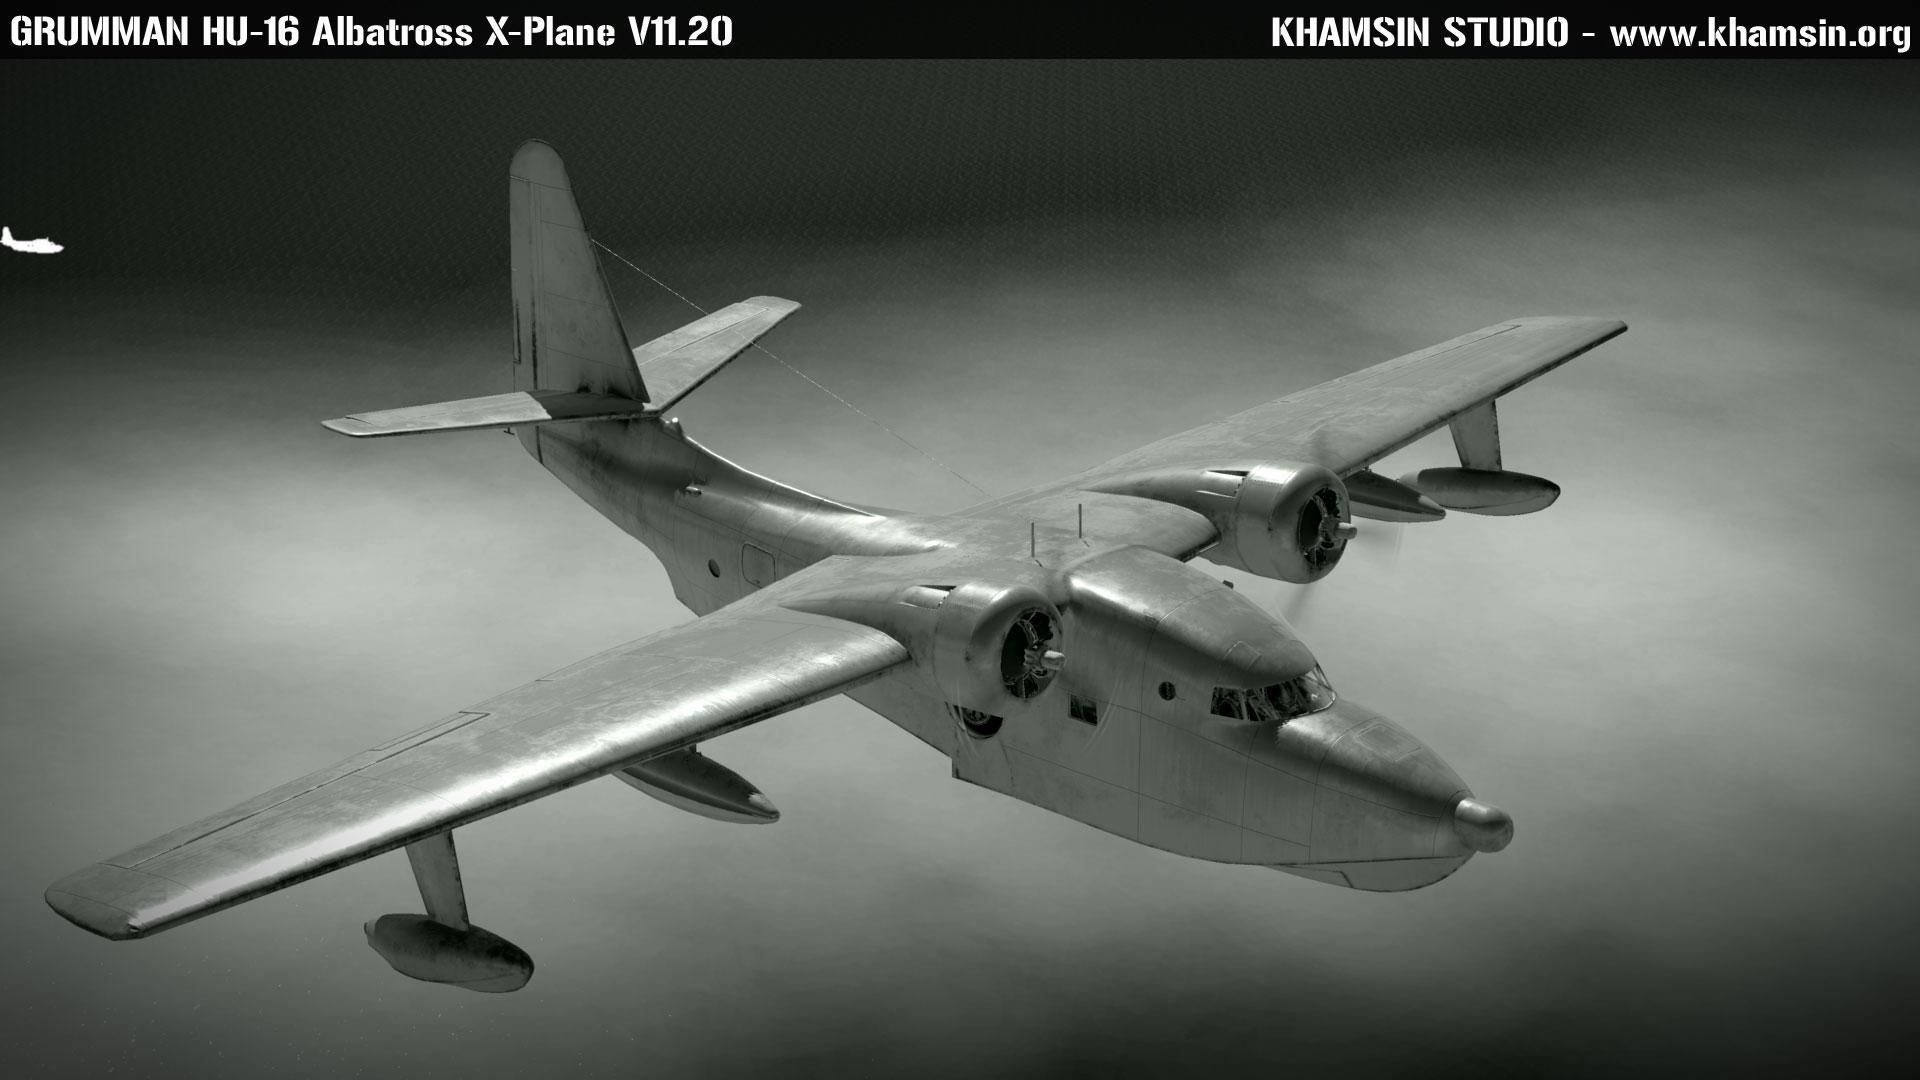 GRUMMAN HU-16 Albatross - New external 3D model - X-Plane